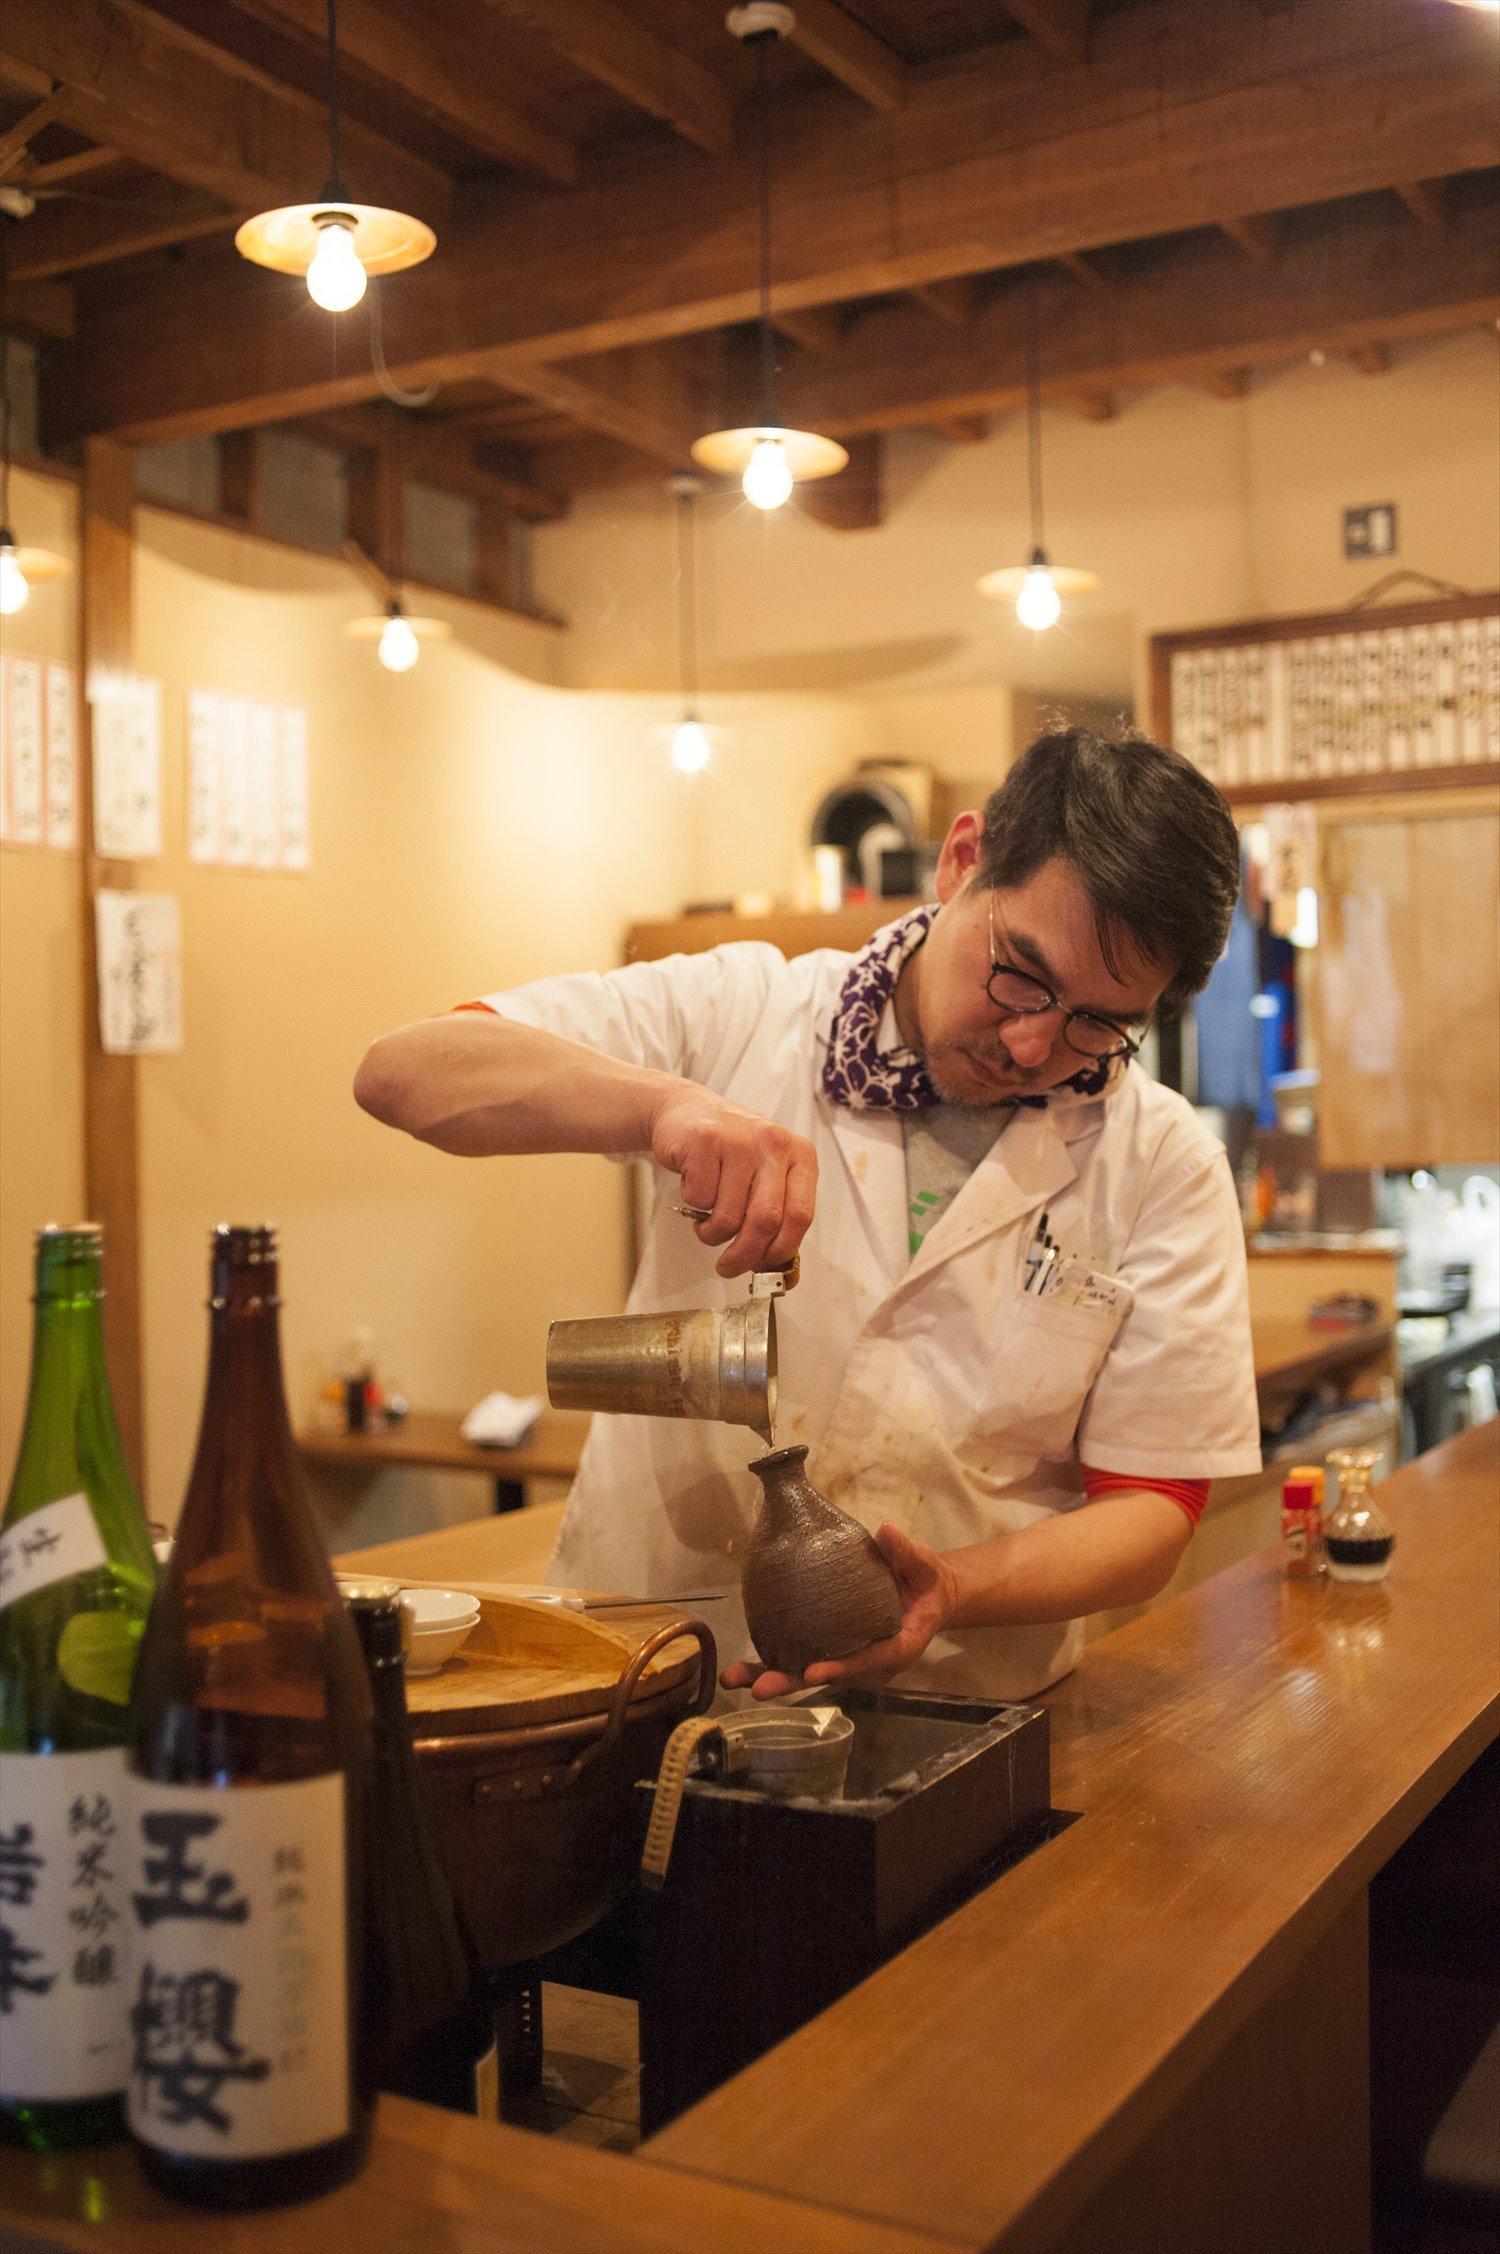 同店は吉祥寺の燗酒専門店「カイ燗」の2号店。酒を注ぐのが店主の小倉拓也さん。